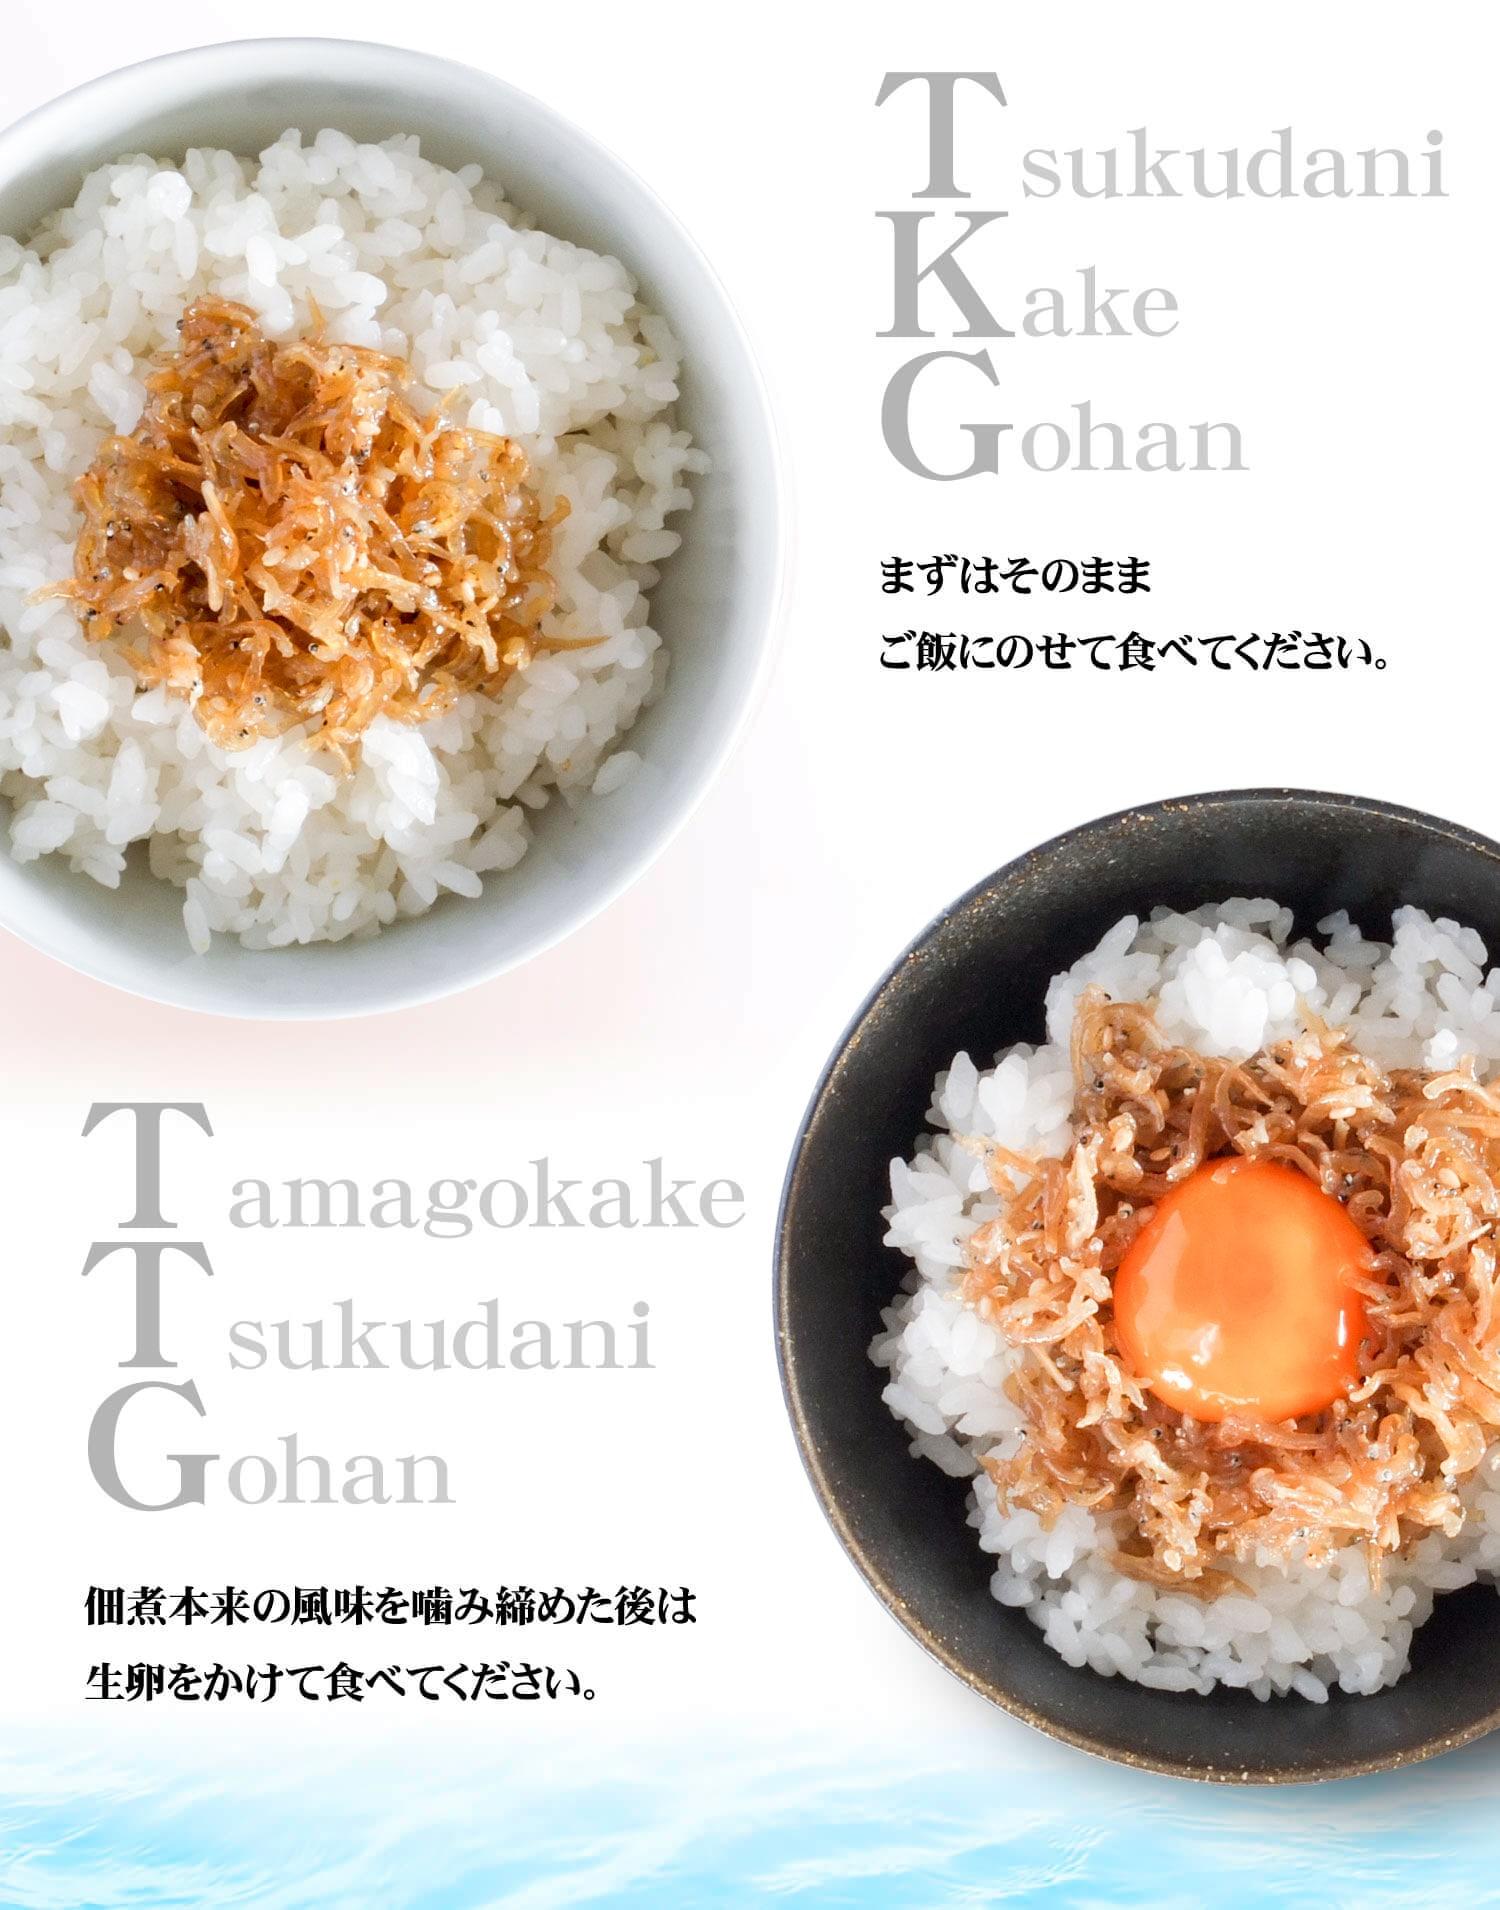 TKG まずはそのままご飯にのせて食べてください。 TTG 佃煮本来の風味を噛み締めた後は生卵をかけて食べてください。